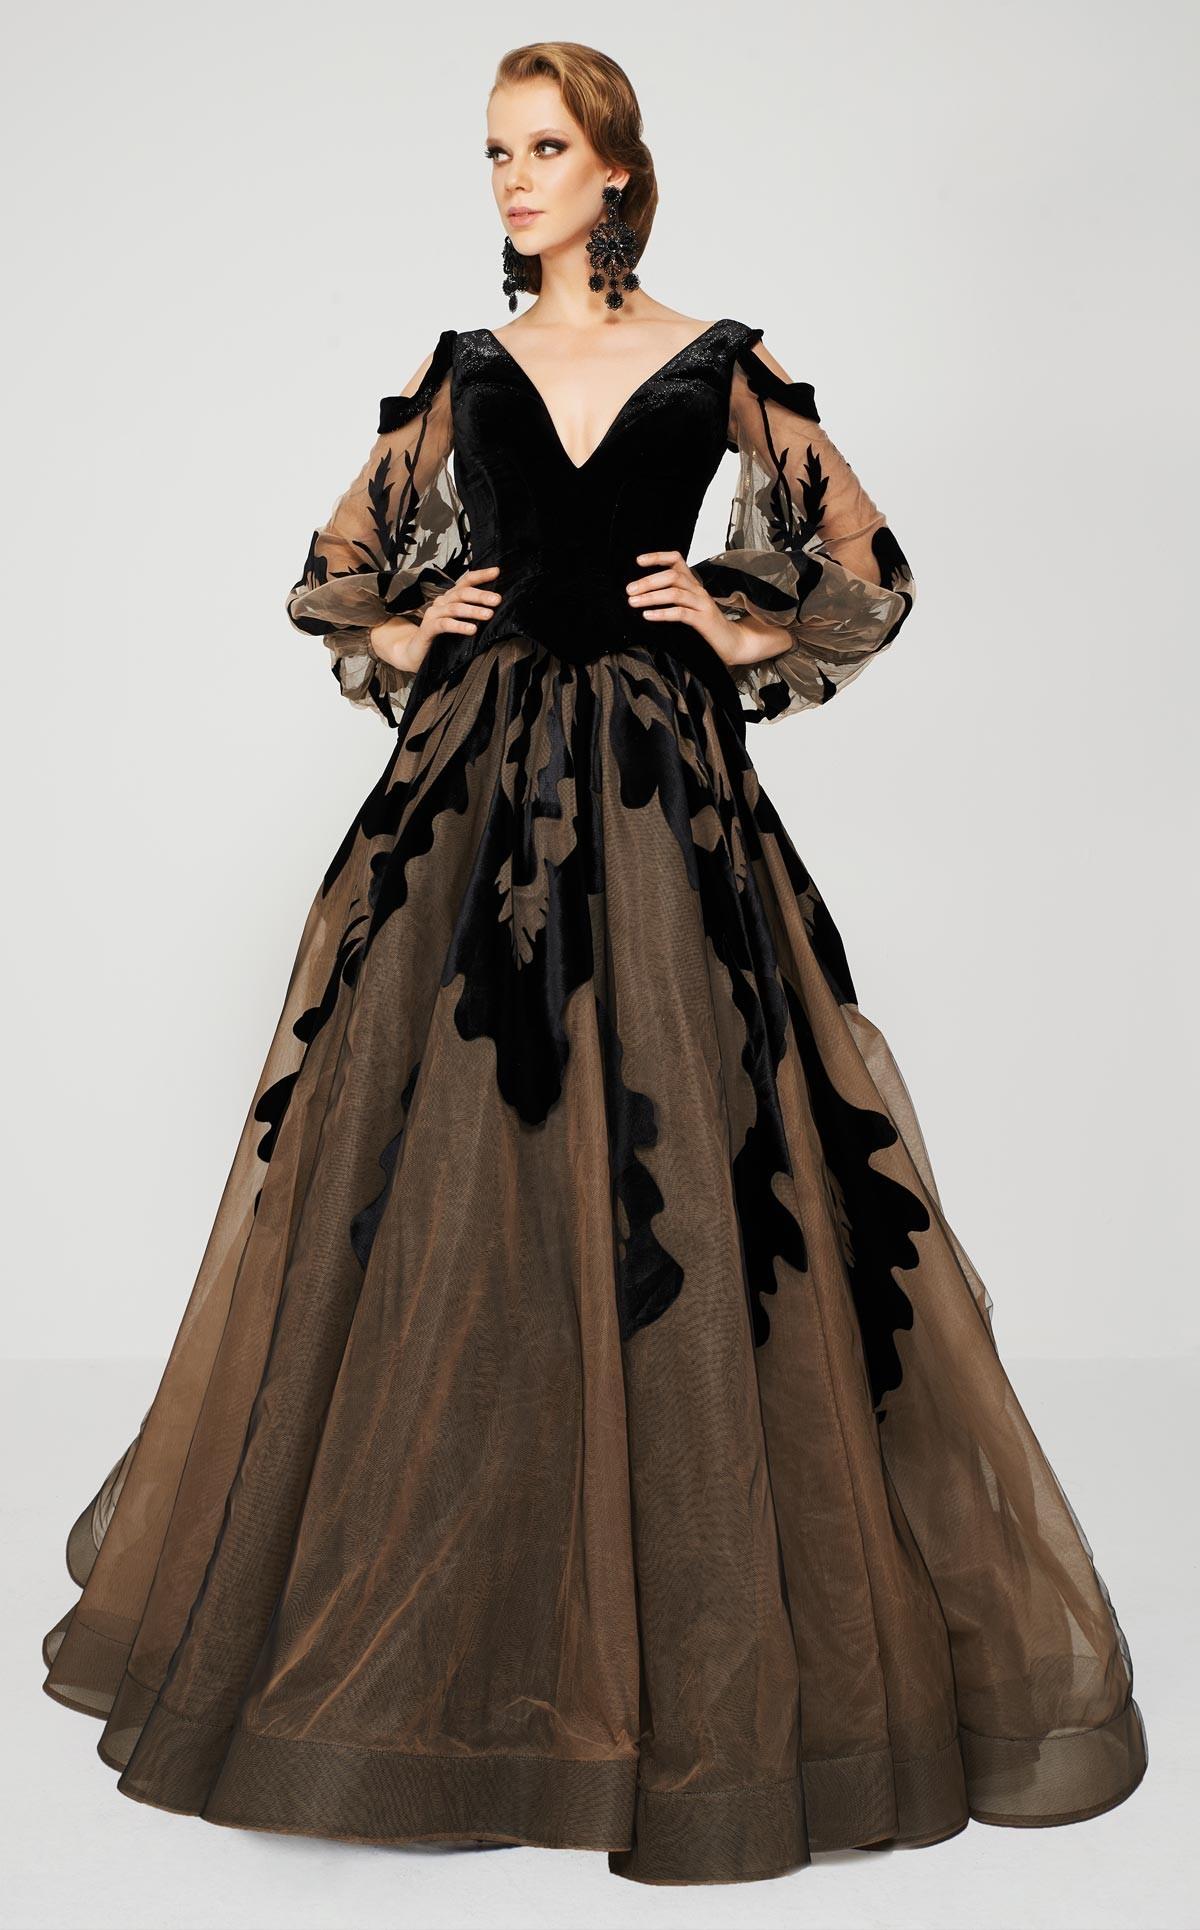 Simone 24500 Платье длинное пышное, рукава длинные и воздушные